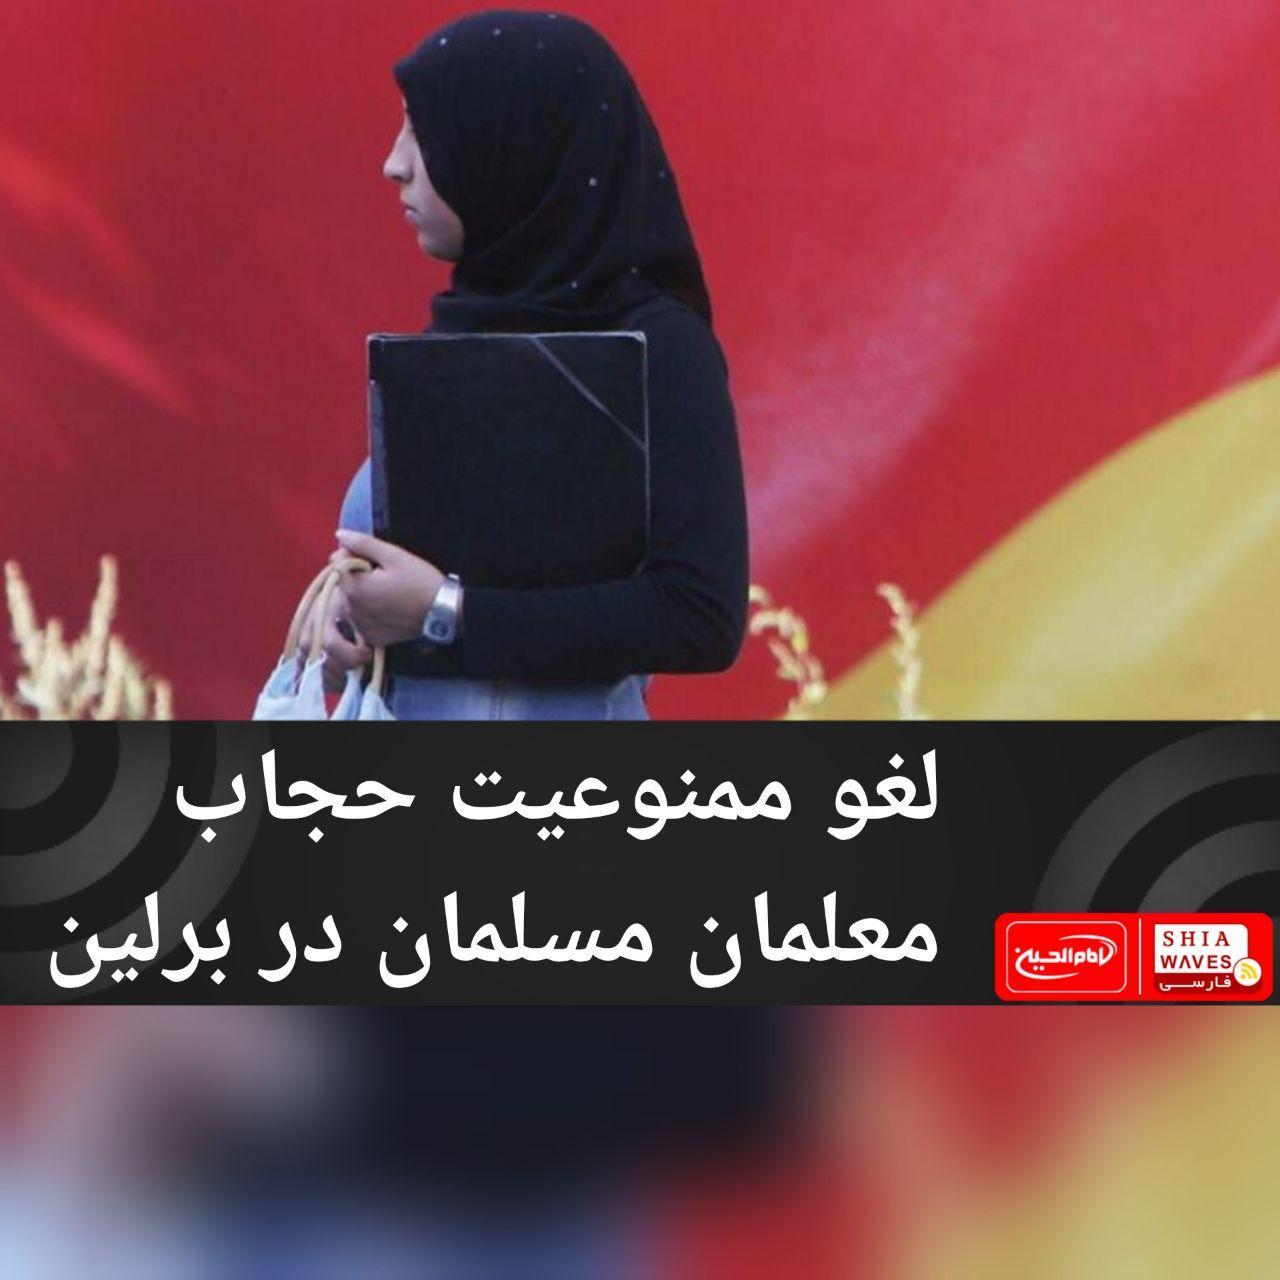 تصویر لغو ممنوعیت حجاب معلمان مسلمان در برلین